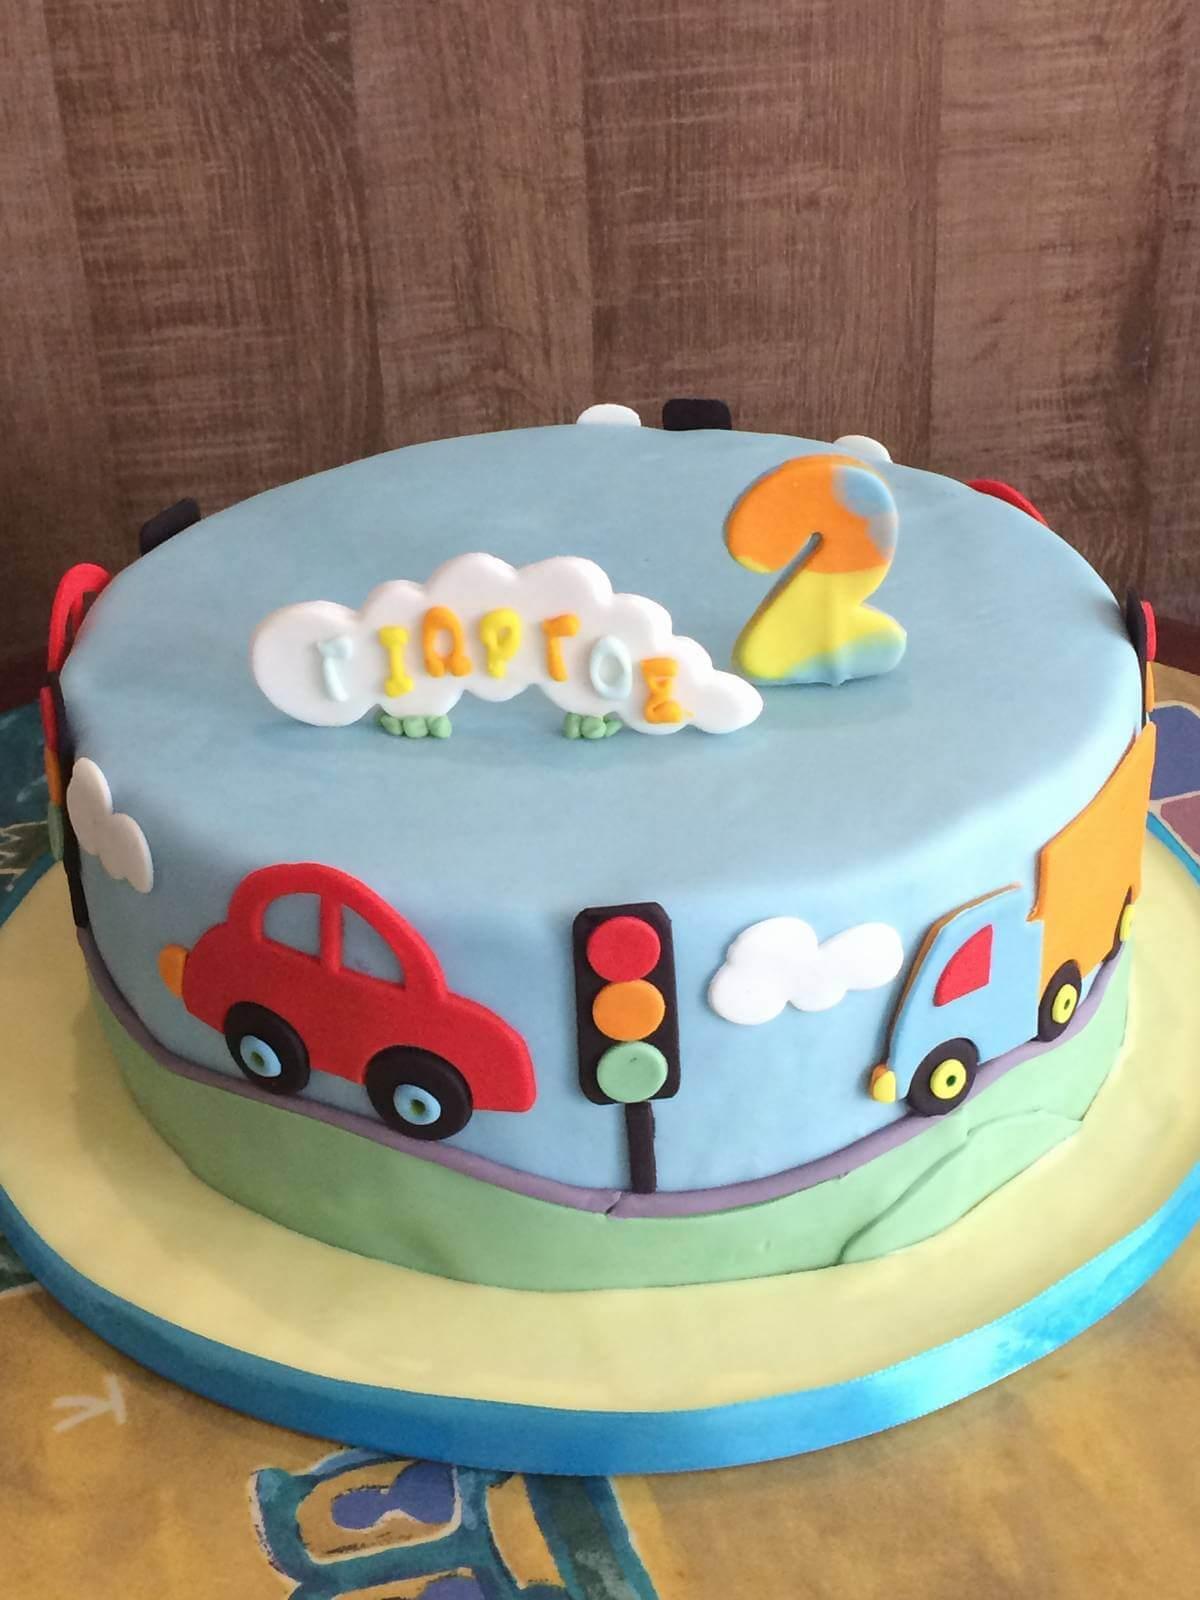 Τούρτα Γενεθλίων - Αυτοκίνητα